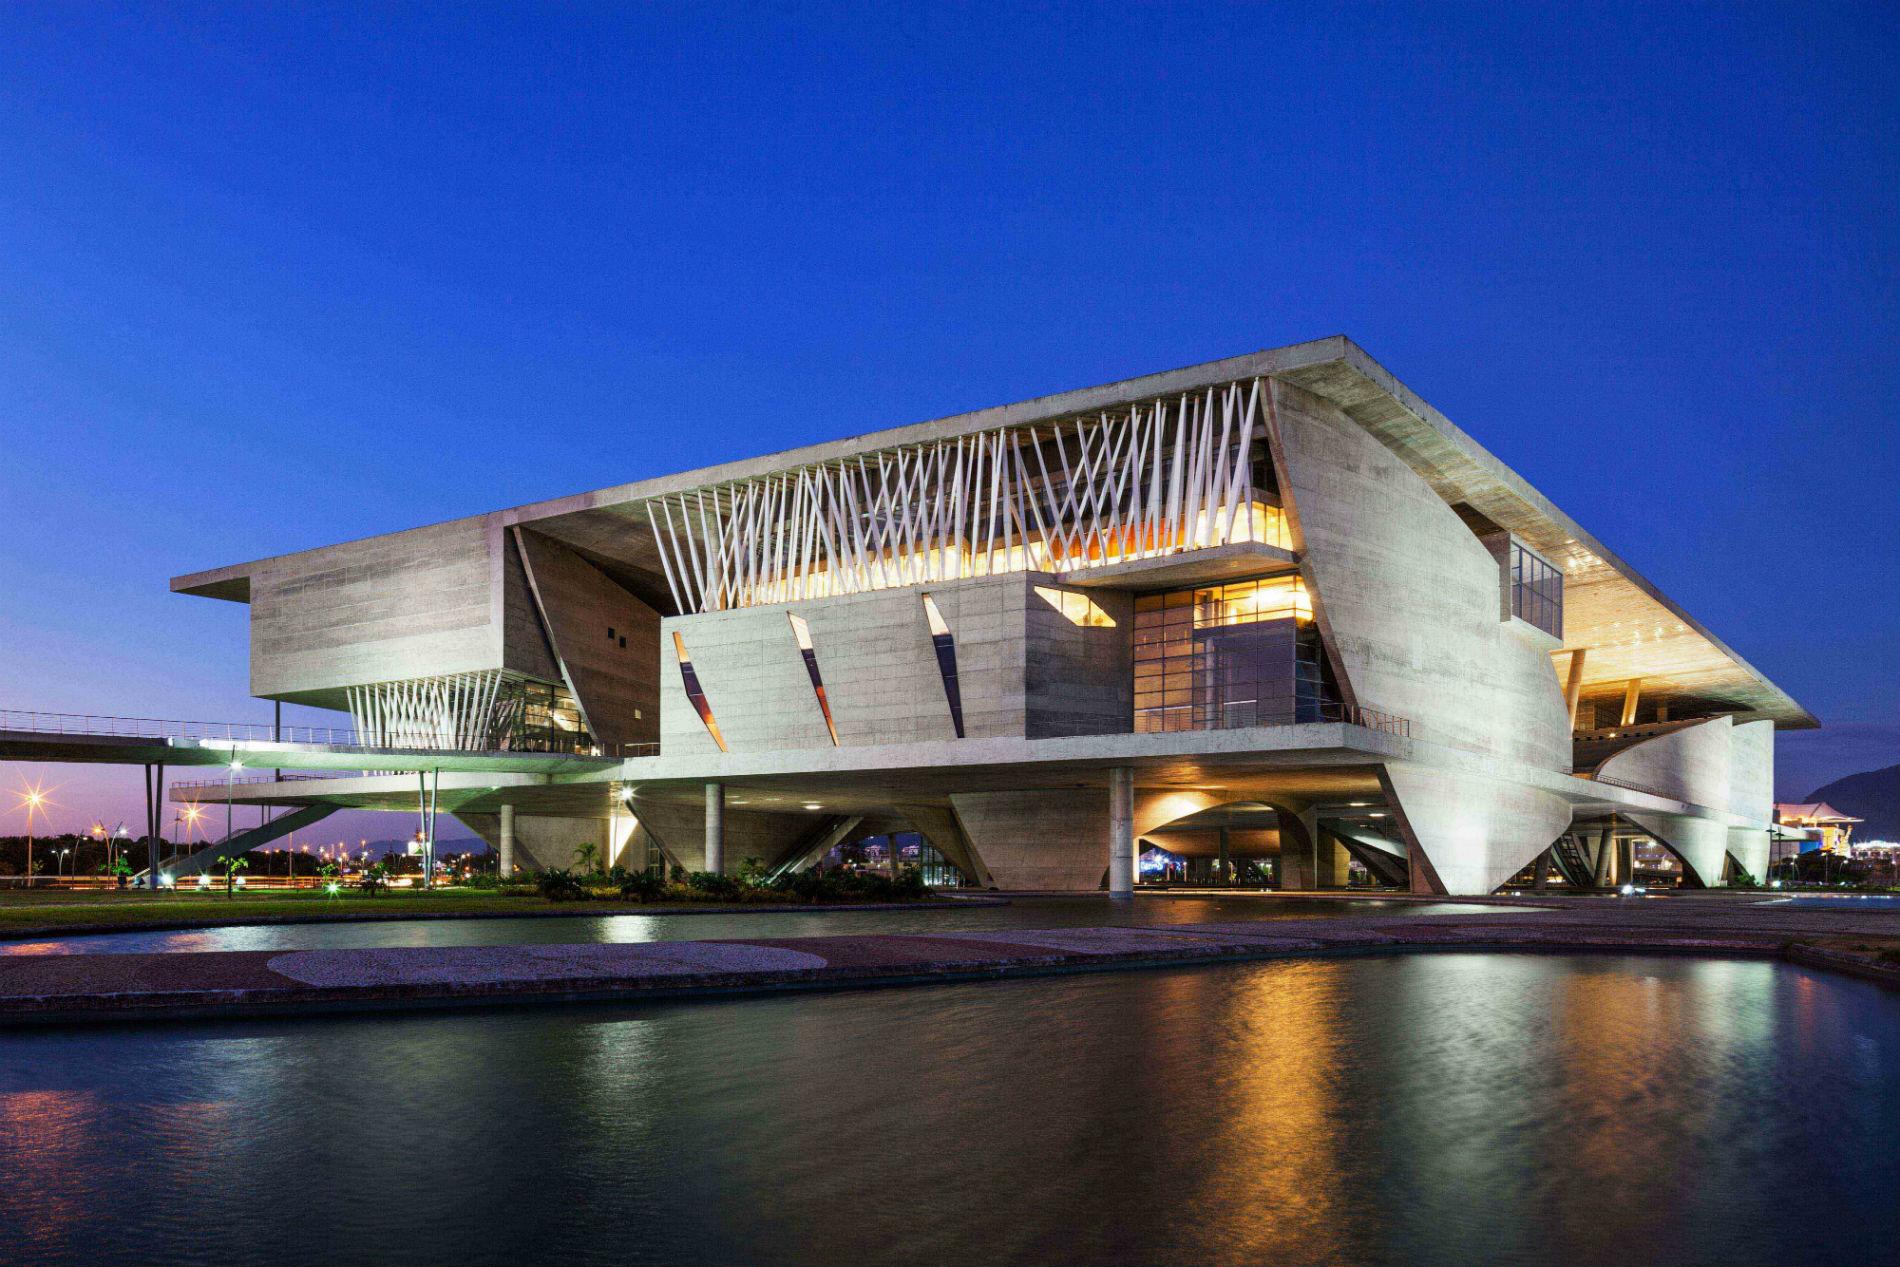 La Cité des arts de Rio de Janeiro réalisée par Christian de Portzamparc.